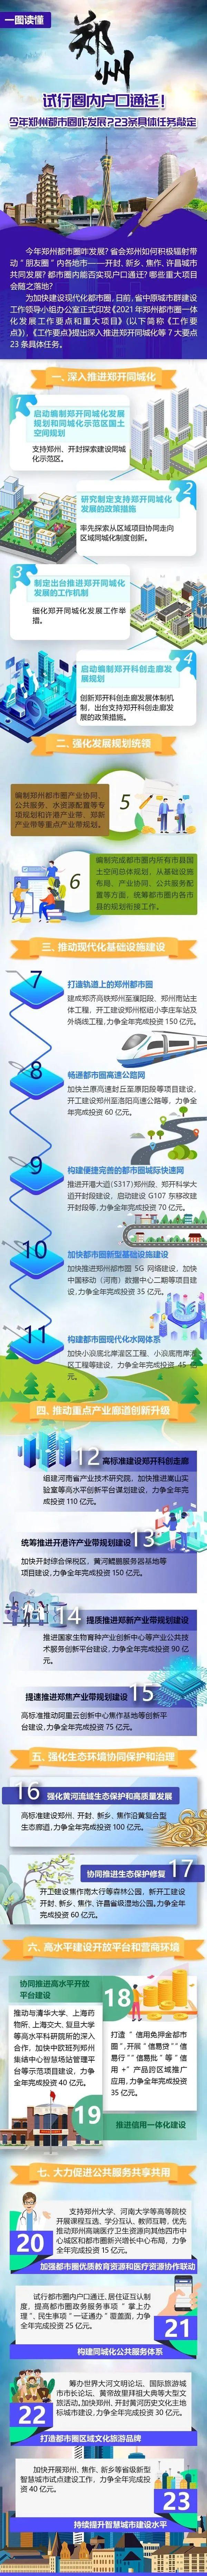 焦作、郑州、开封、新乡、许昌将有重大机遇!